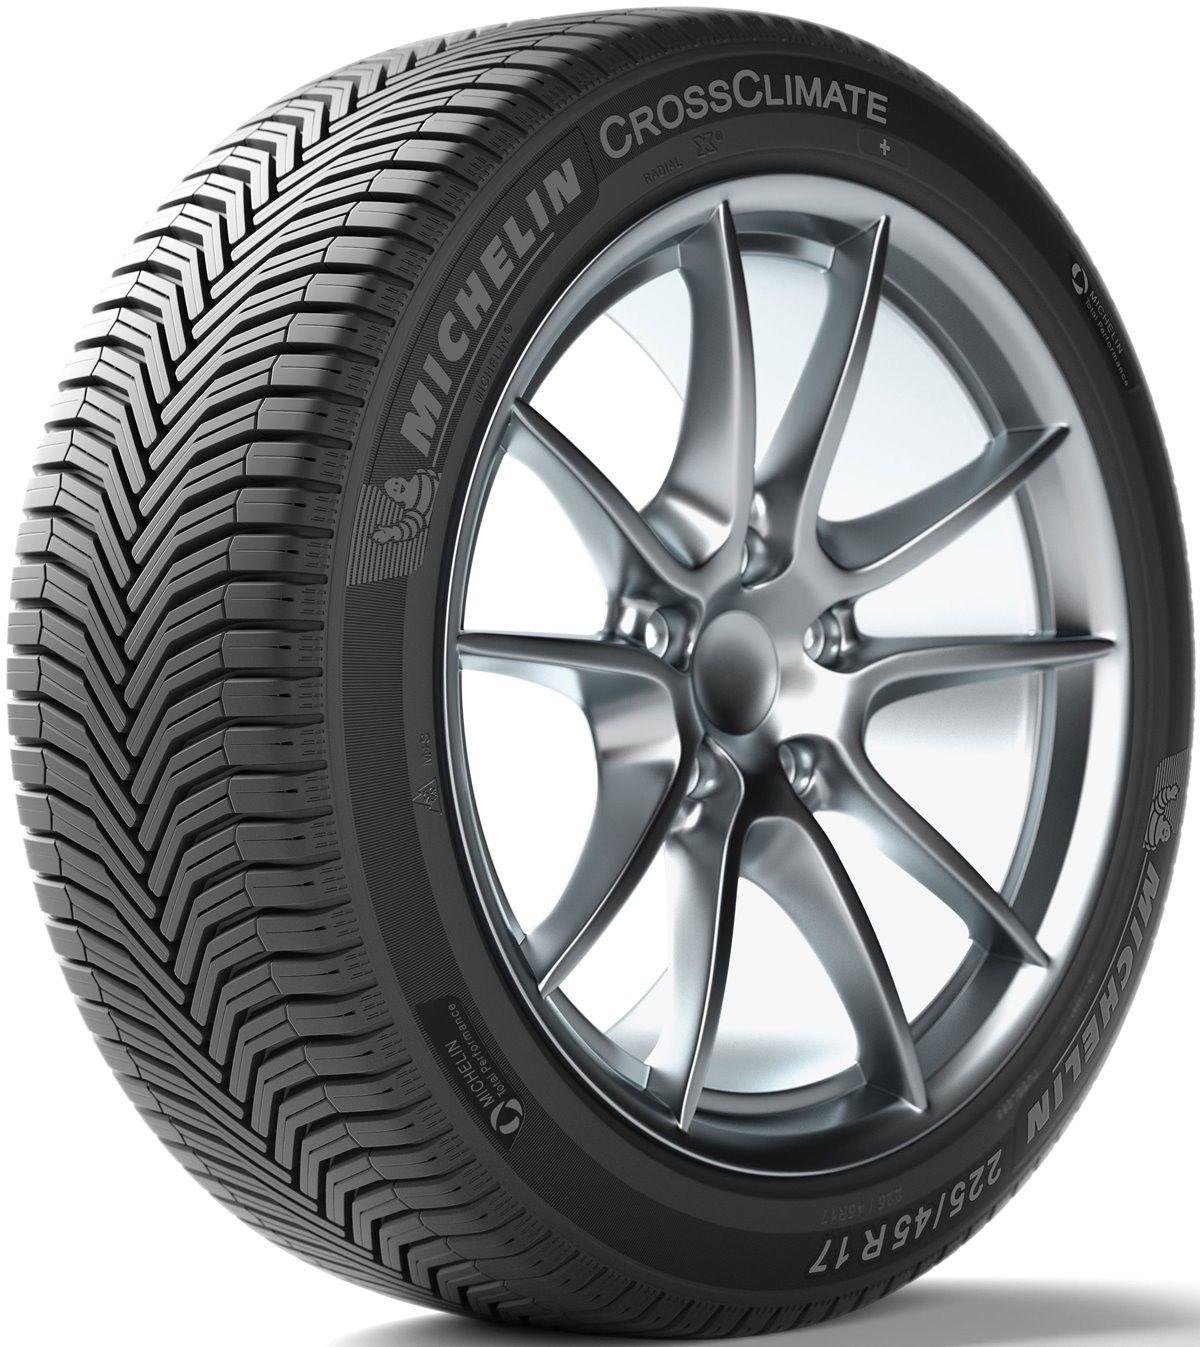 Michelin CrossClimate+ 225/55R16 99 W XL